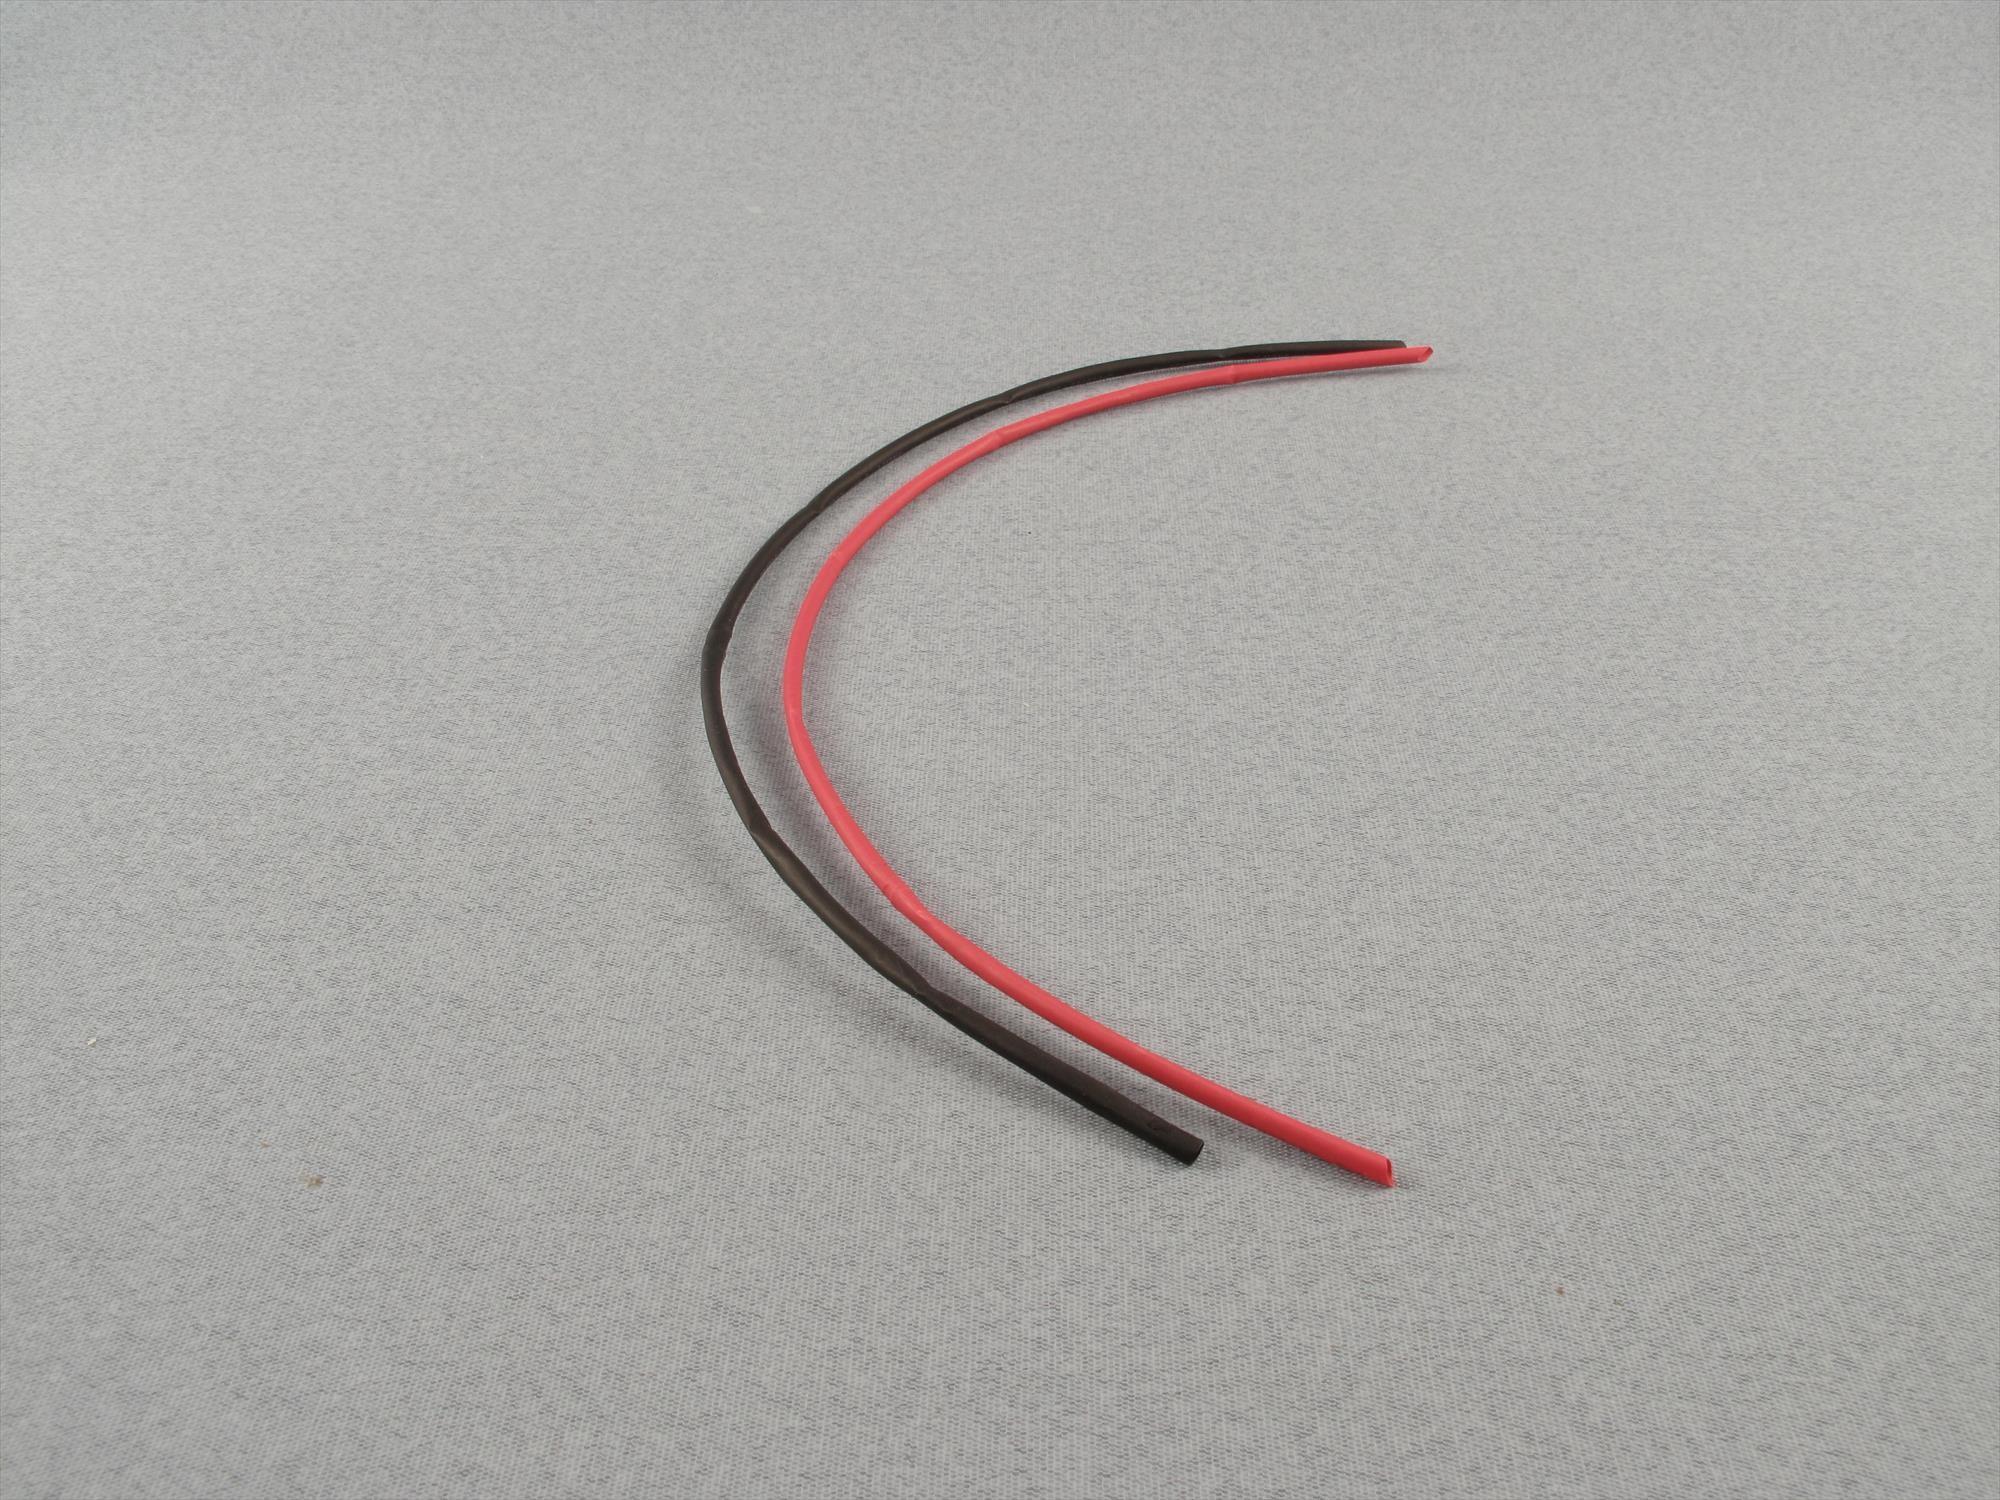 Logic RC Heat Shrink O-LG-HS70 1m Clear 70mm